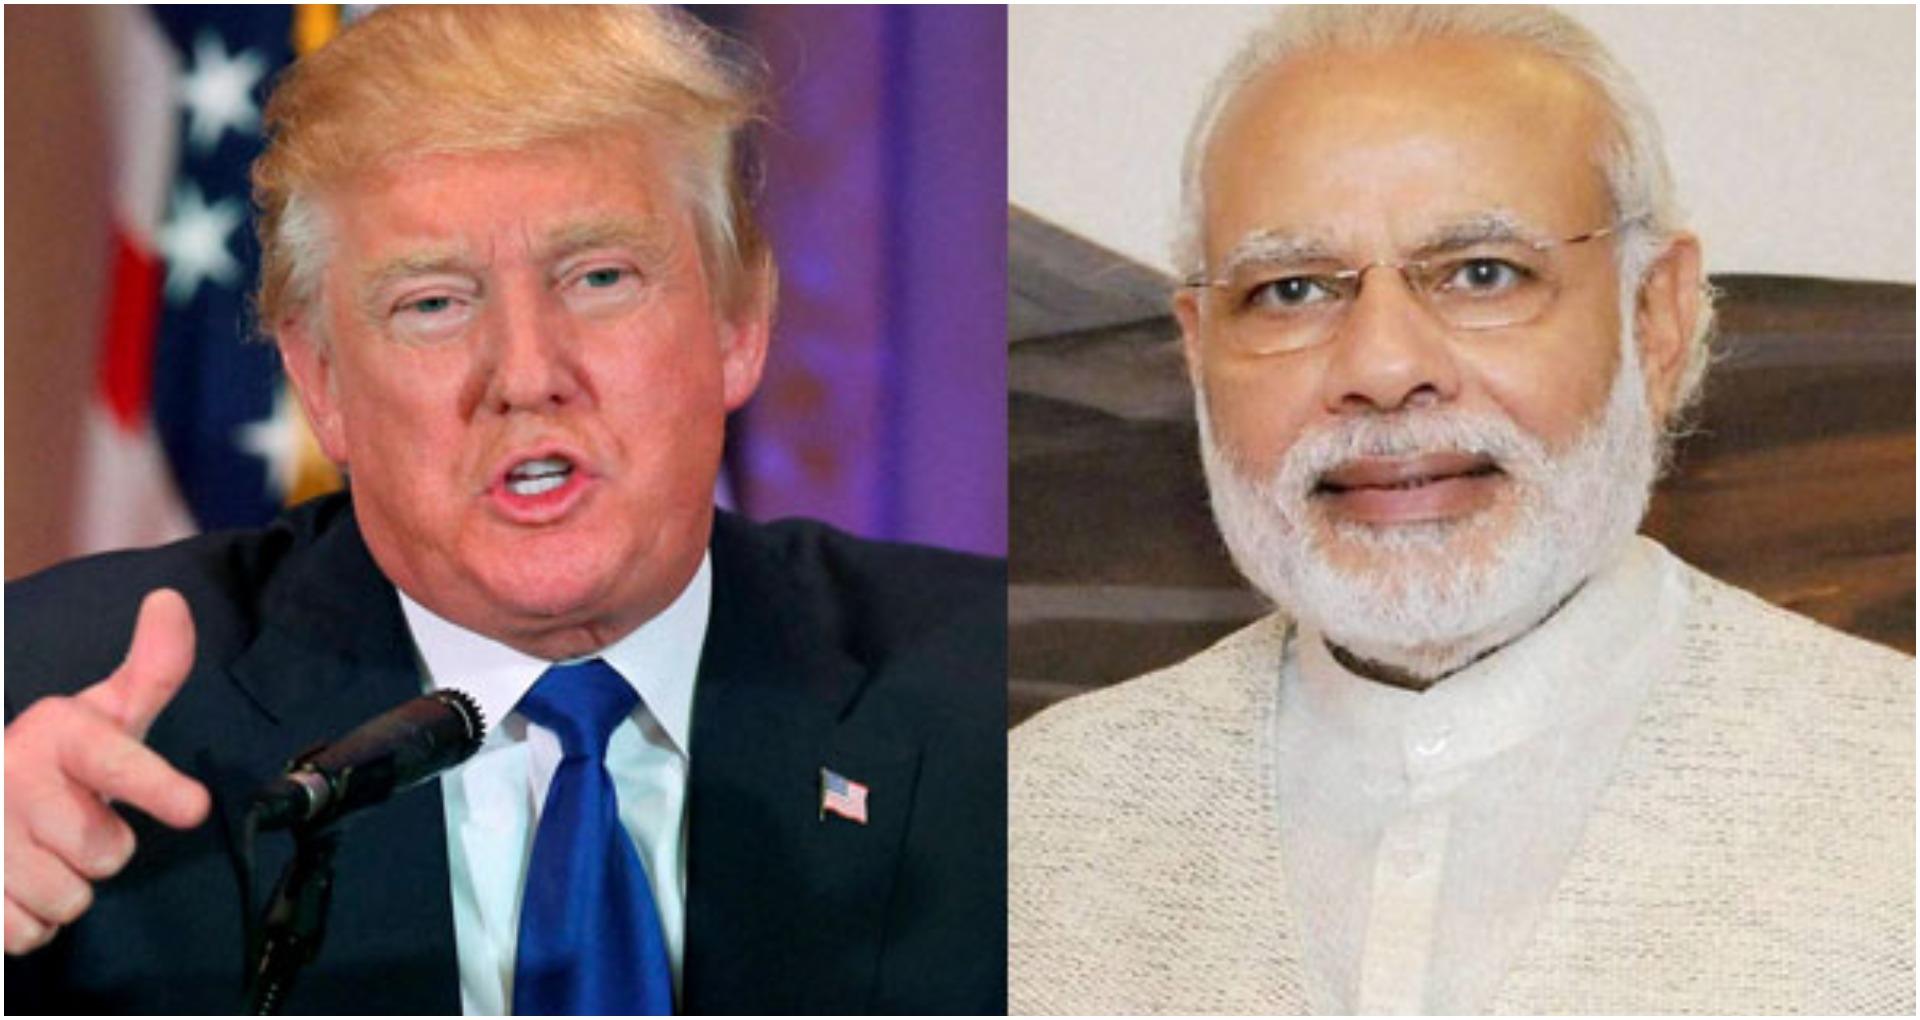 डोनाल्ड ट्रंप ने कहा, अगर भारत ने हाइड्रॉक्सीक्लोरोक्वीन दवा के निर्यात पर से प्रतिबंध नहीं हटाया तो…